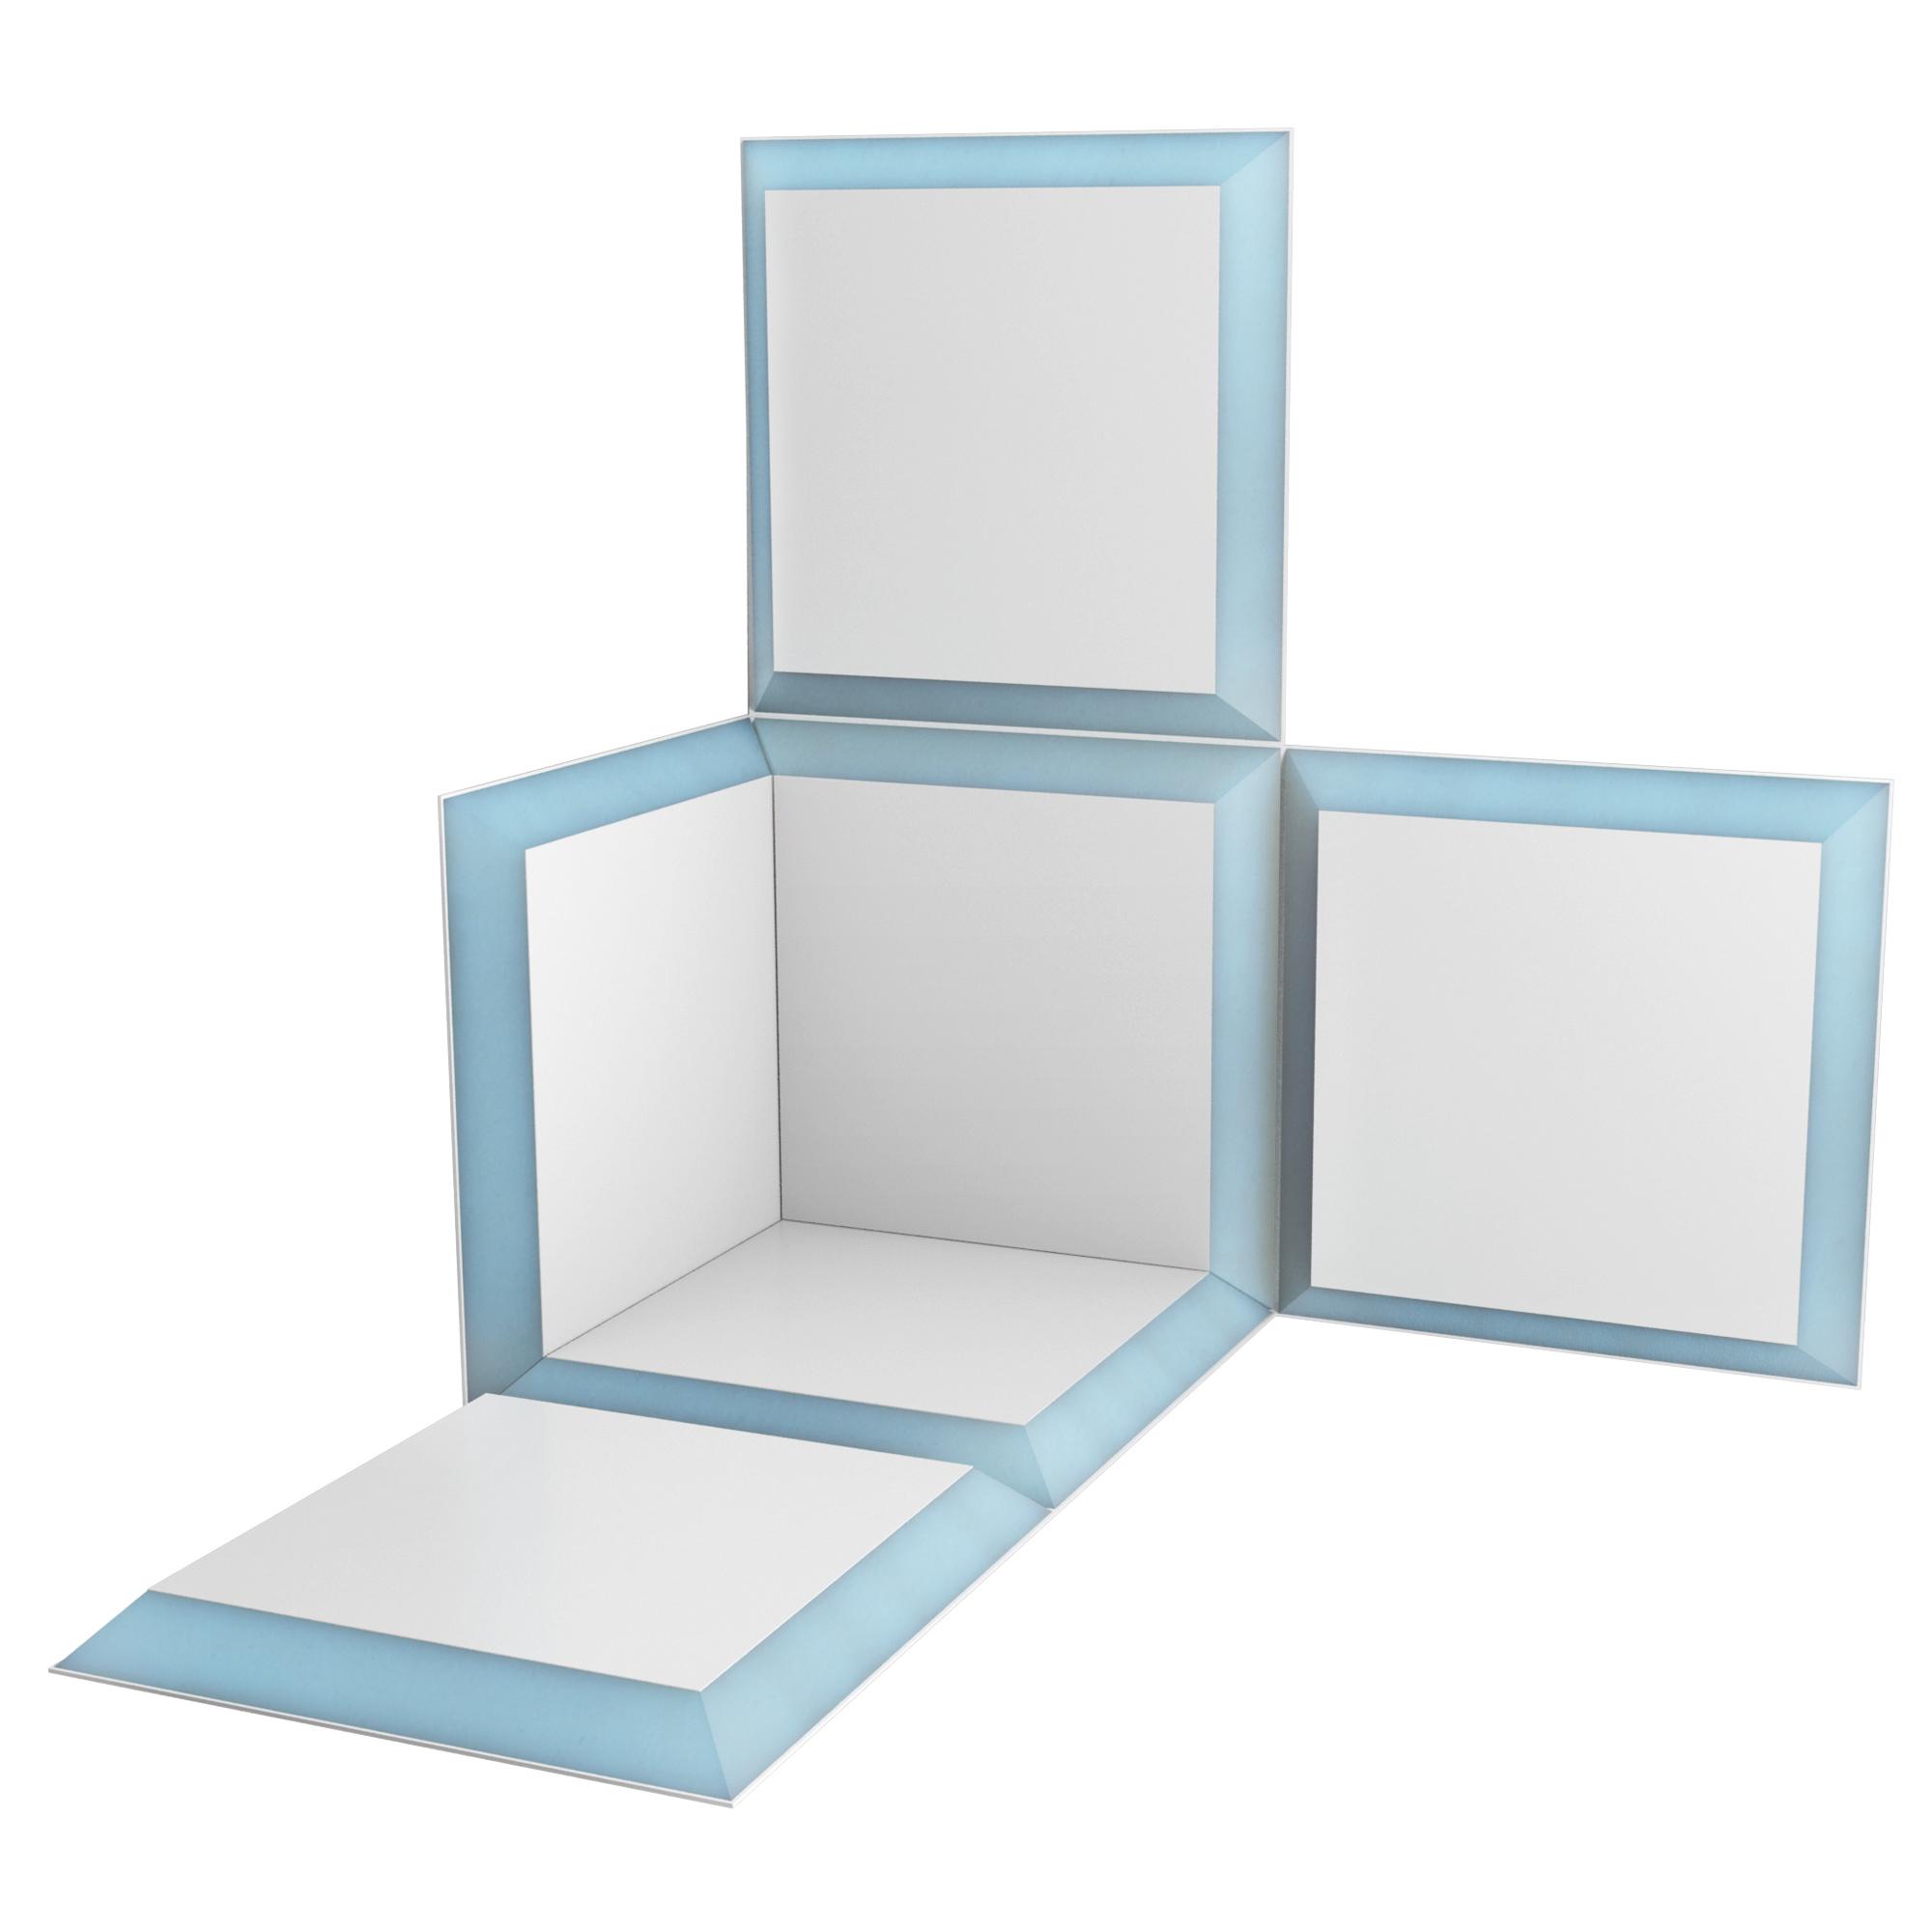 kunststoff sandwichelemente carplan construct stadur. Black Bedroom Furniture Sets. Home Design Ideas